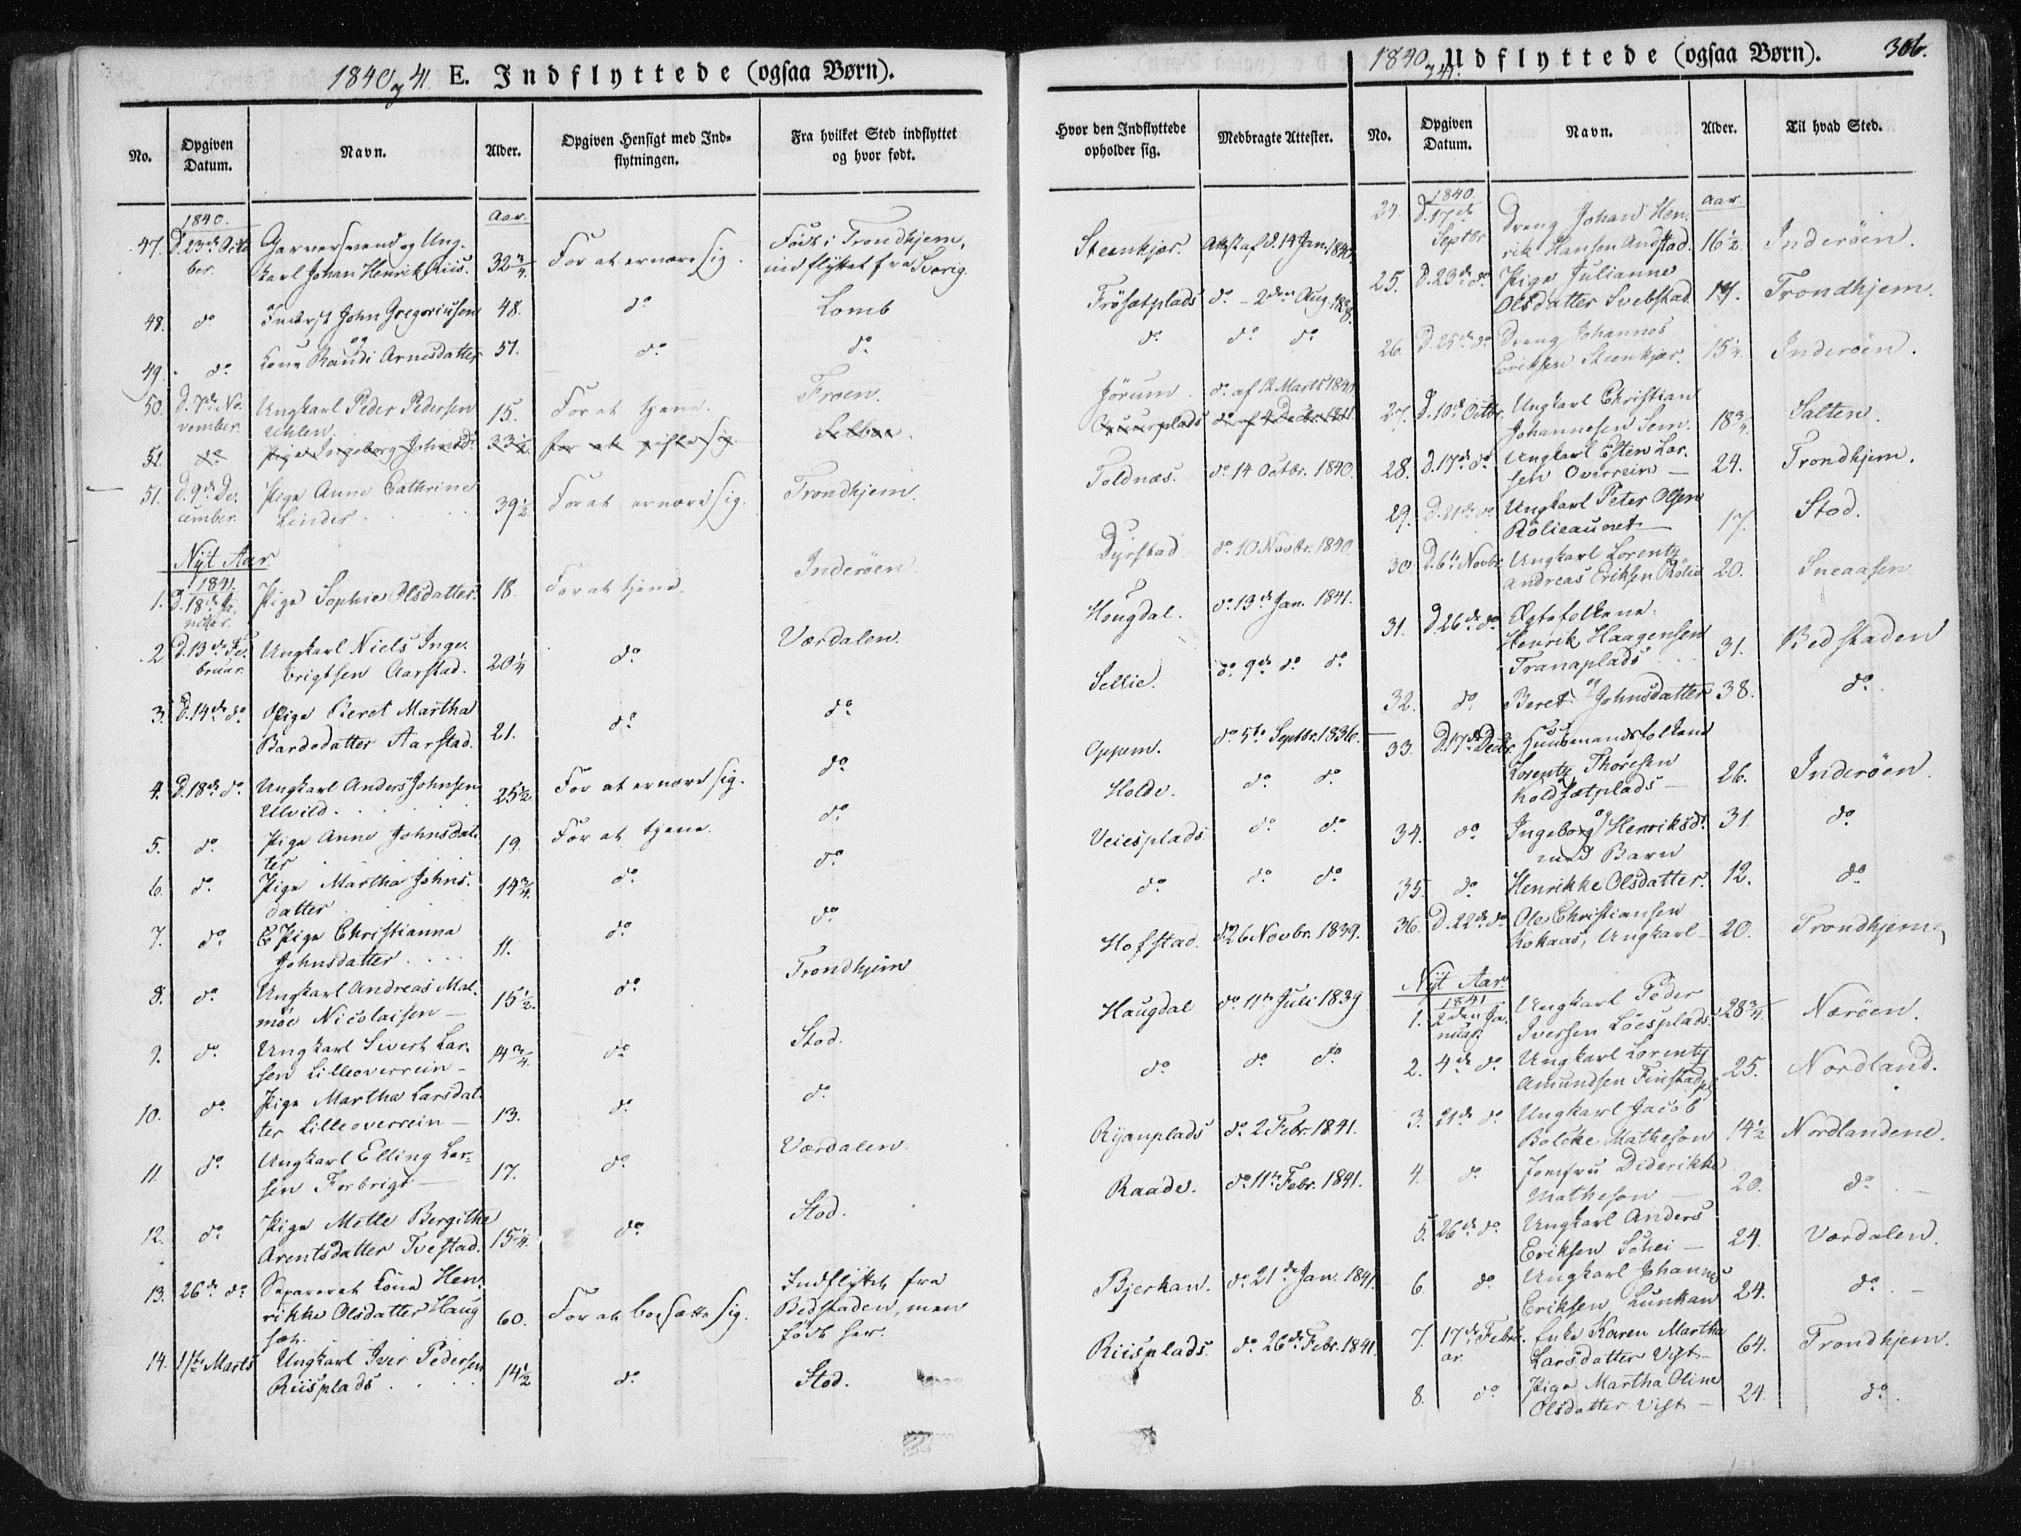 SAT, Ministerialprotokoller, klokkerbøker og fødselsregistre - Nord-Trøndelag, 735/L0339: Ministerialbok nr. 735A06 /1, 1836-1848, s. 306